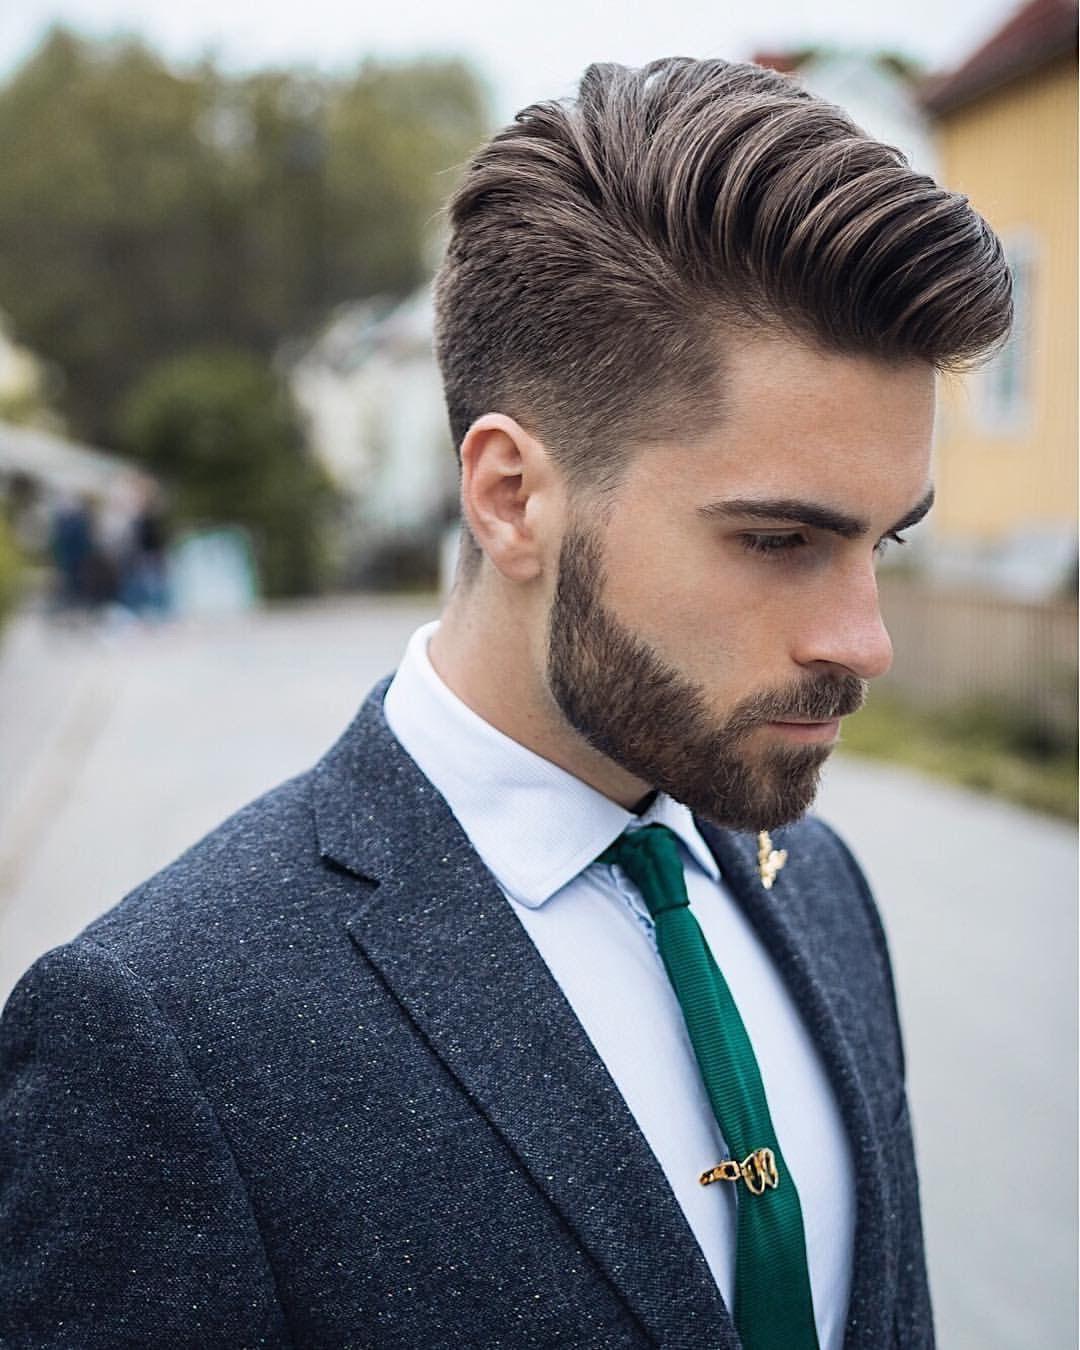 Мужская стрижка 2018 с косой челкой